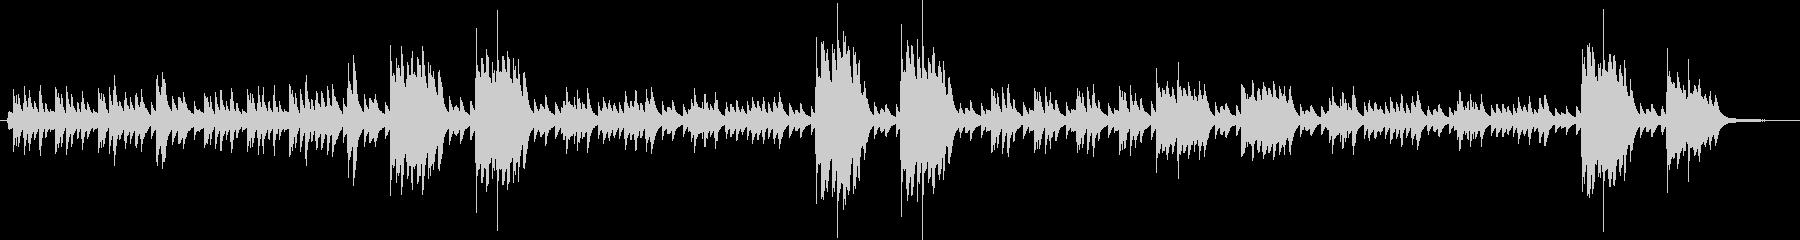 サティ「グノシエンヌ」第一番 ピアノの未再生の波形